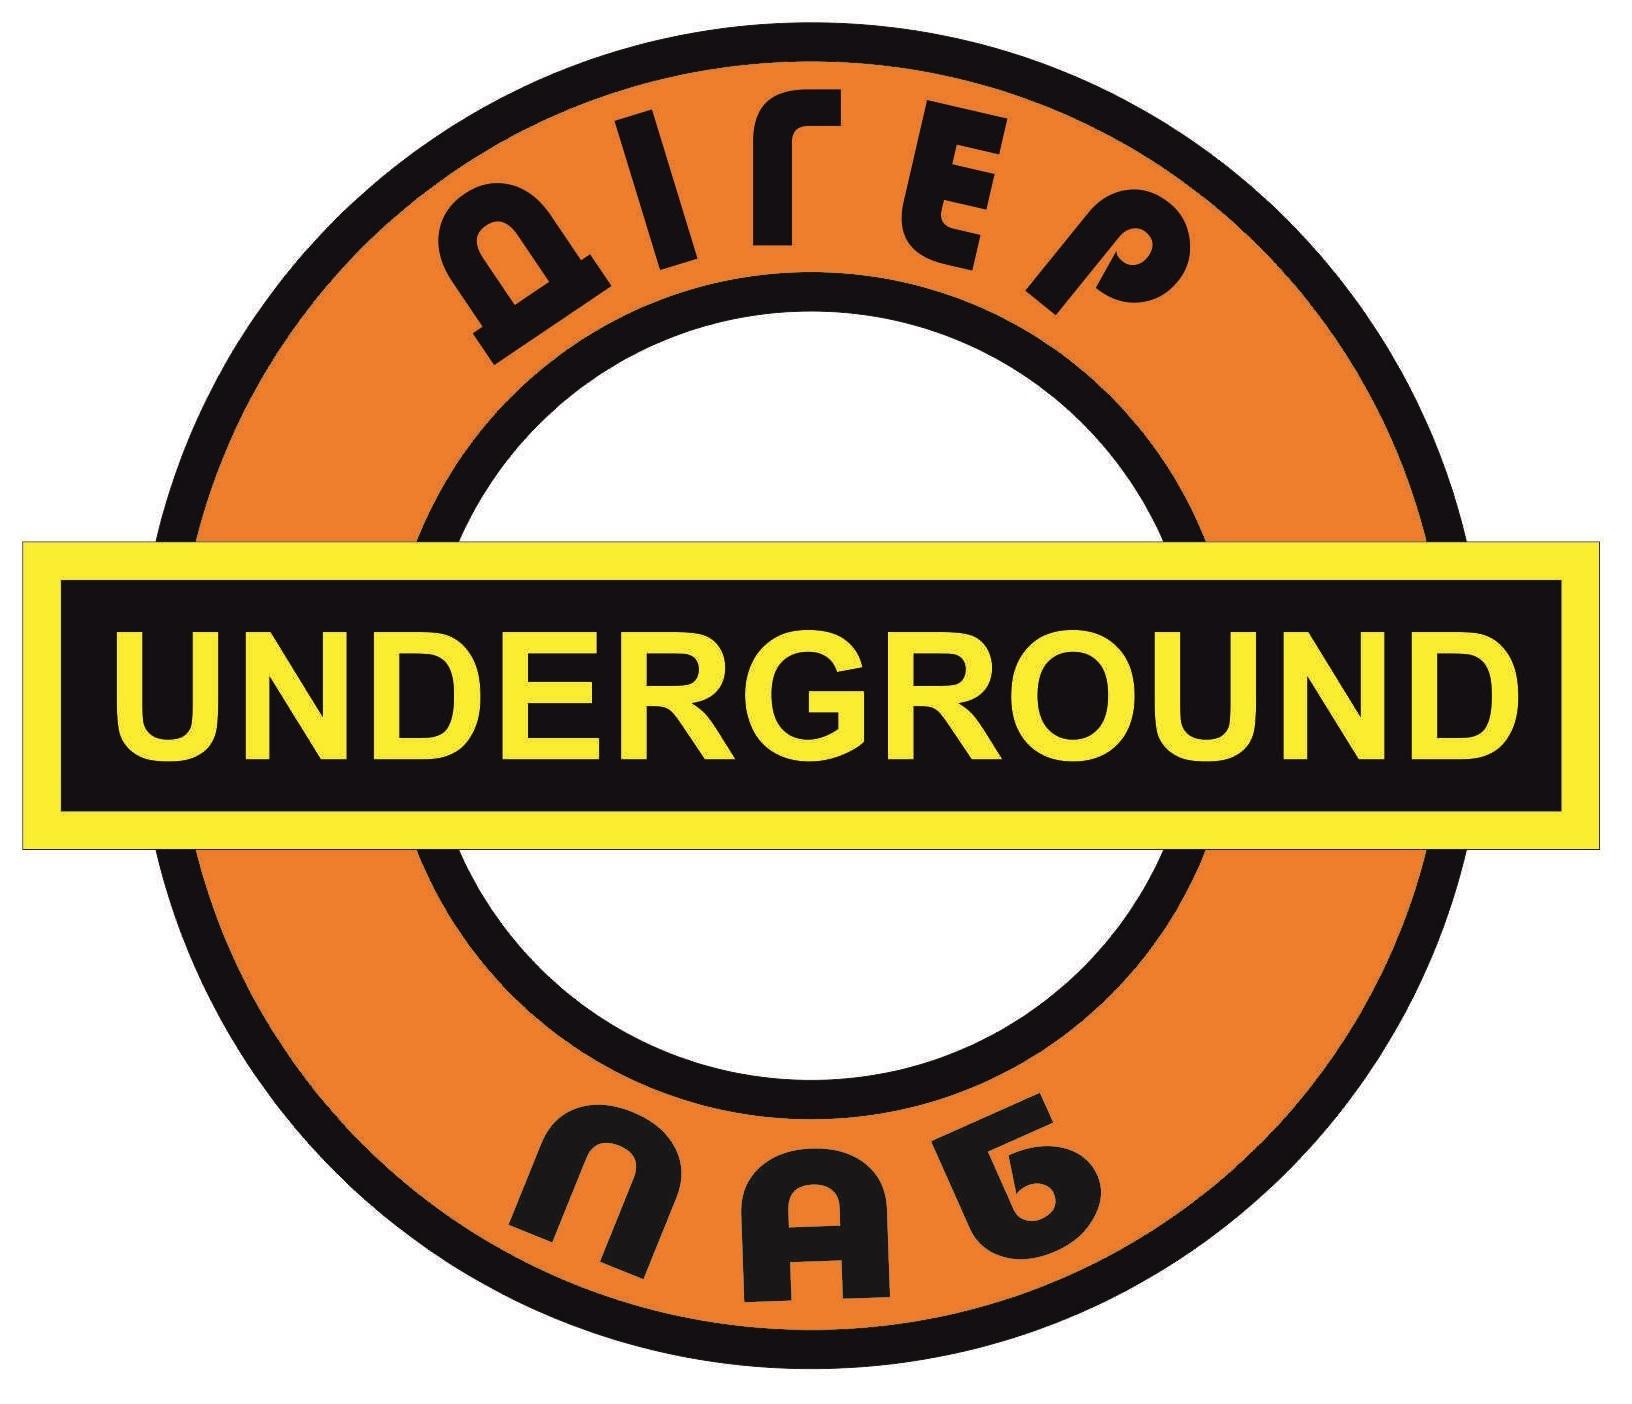 Underground|Їжа